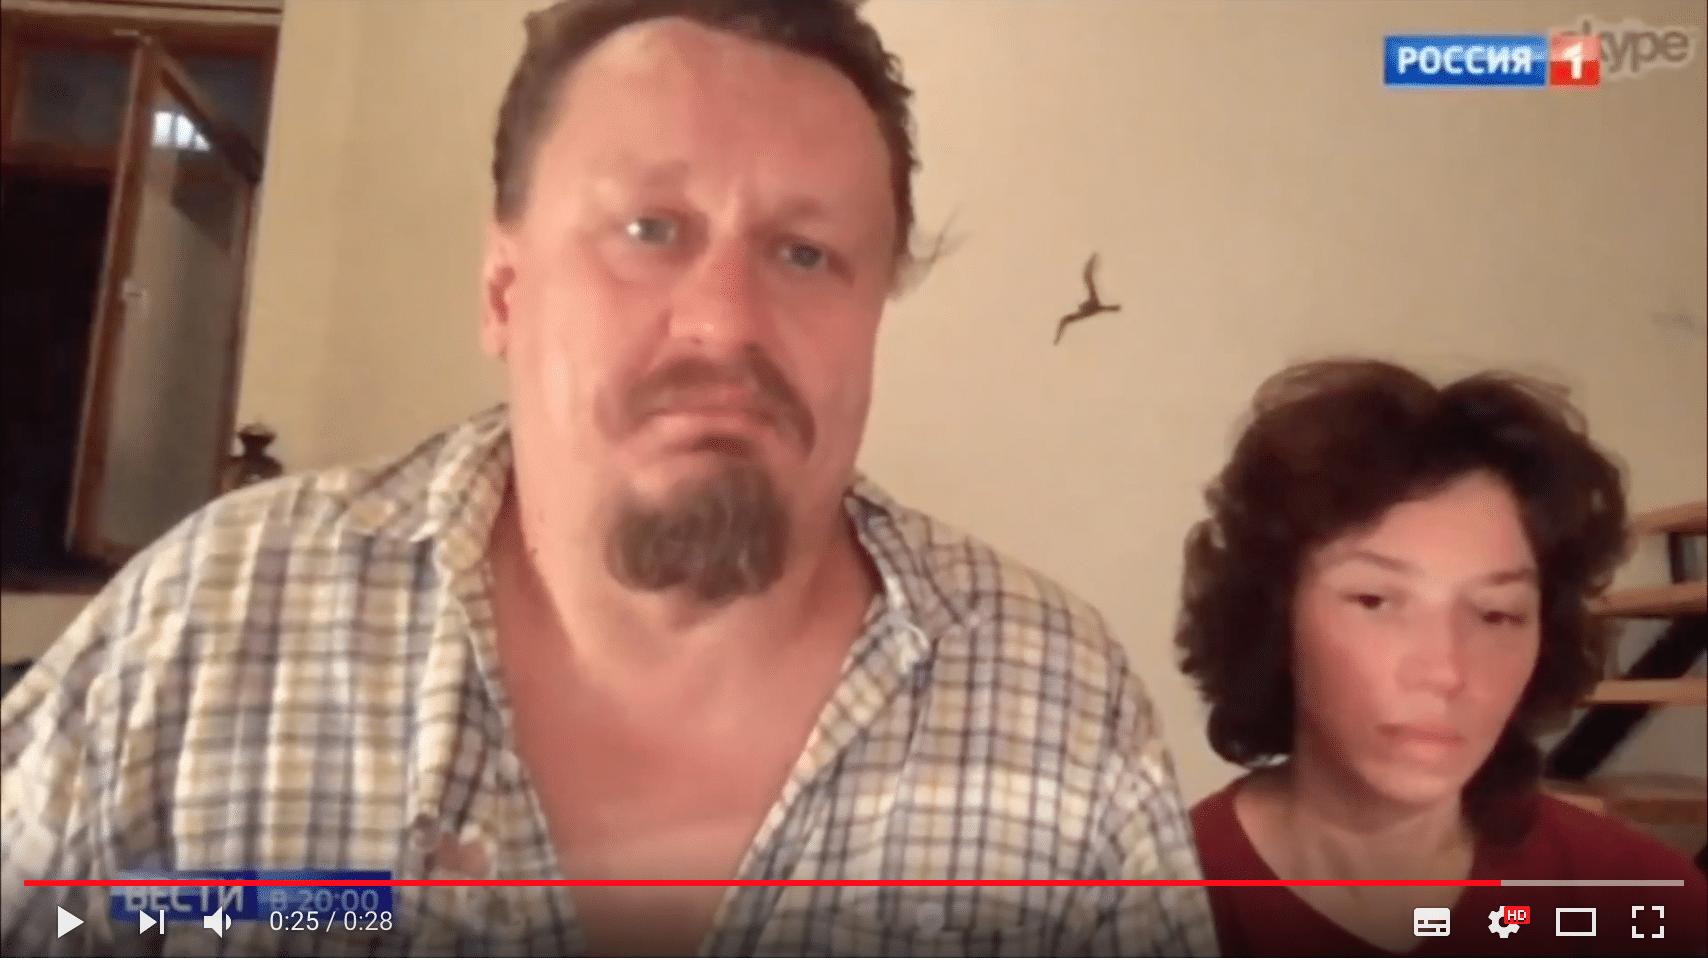 Das Anarcho-Künstlerpaar inszeniert sich in Youtube-Videos gerne selbst.